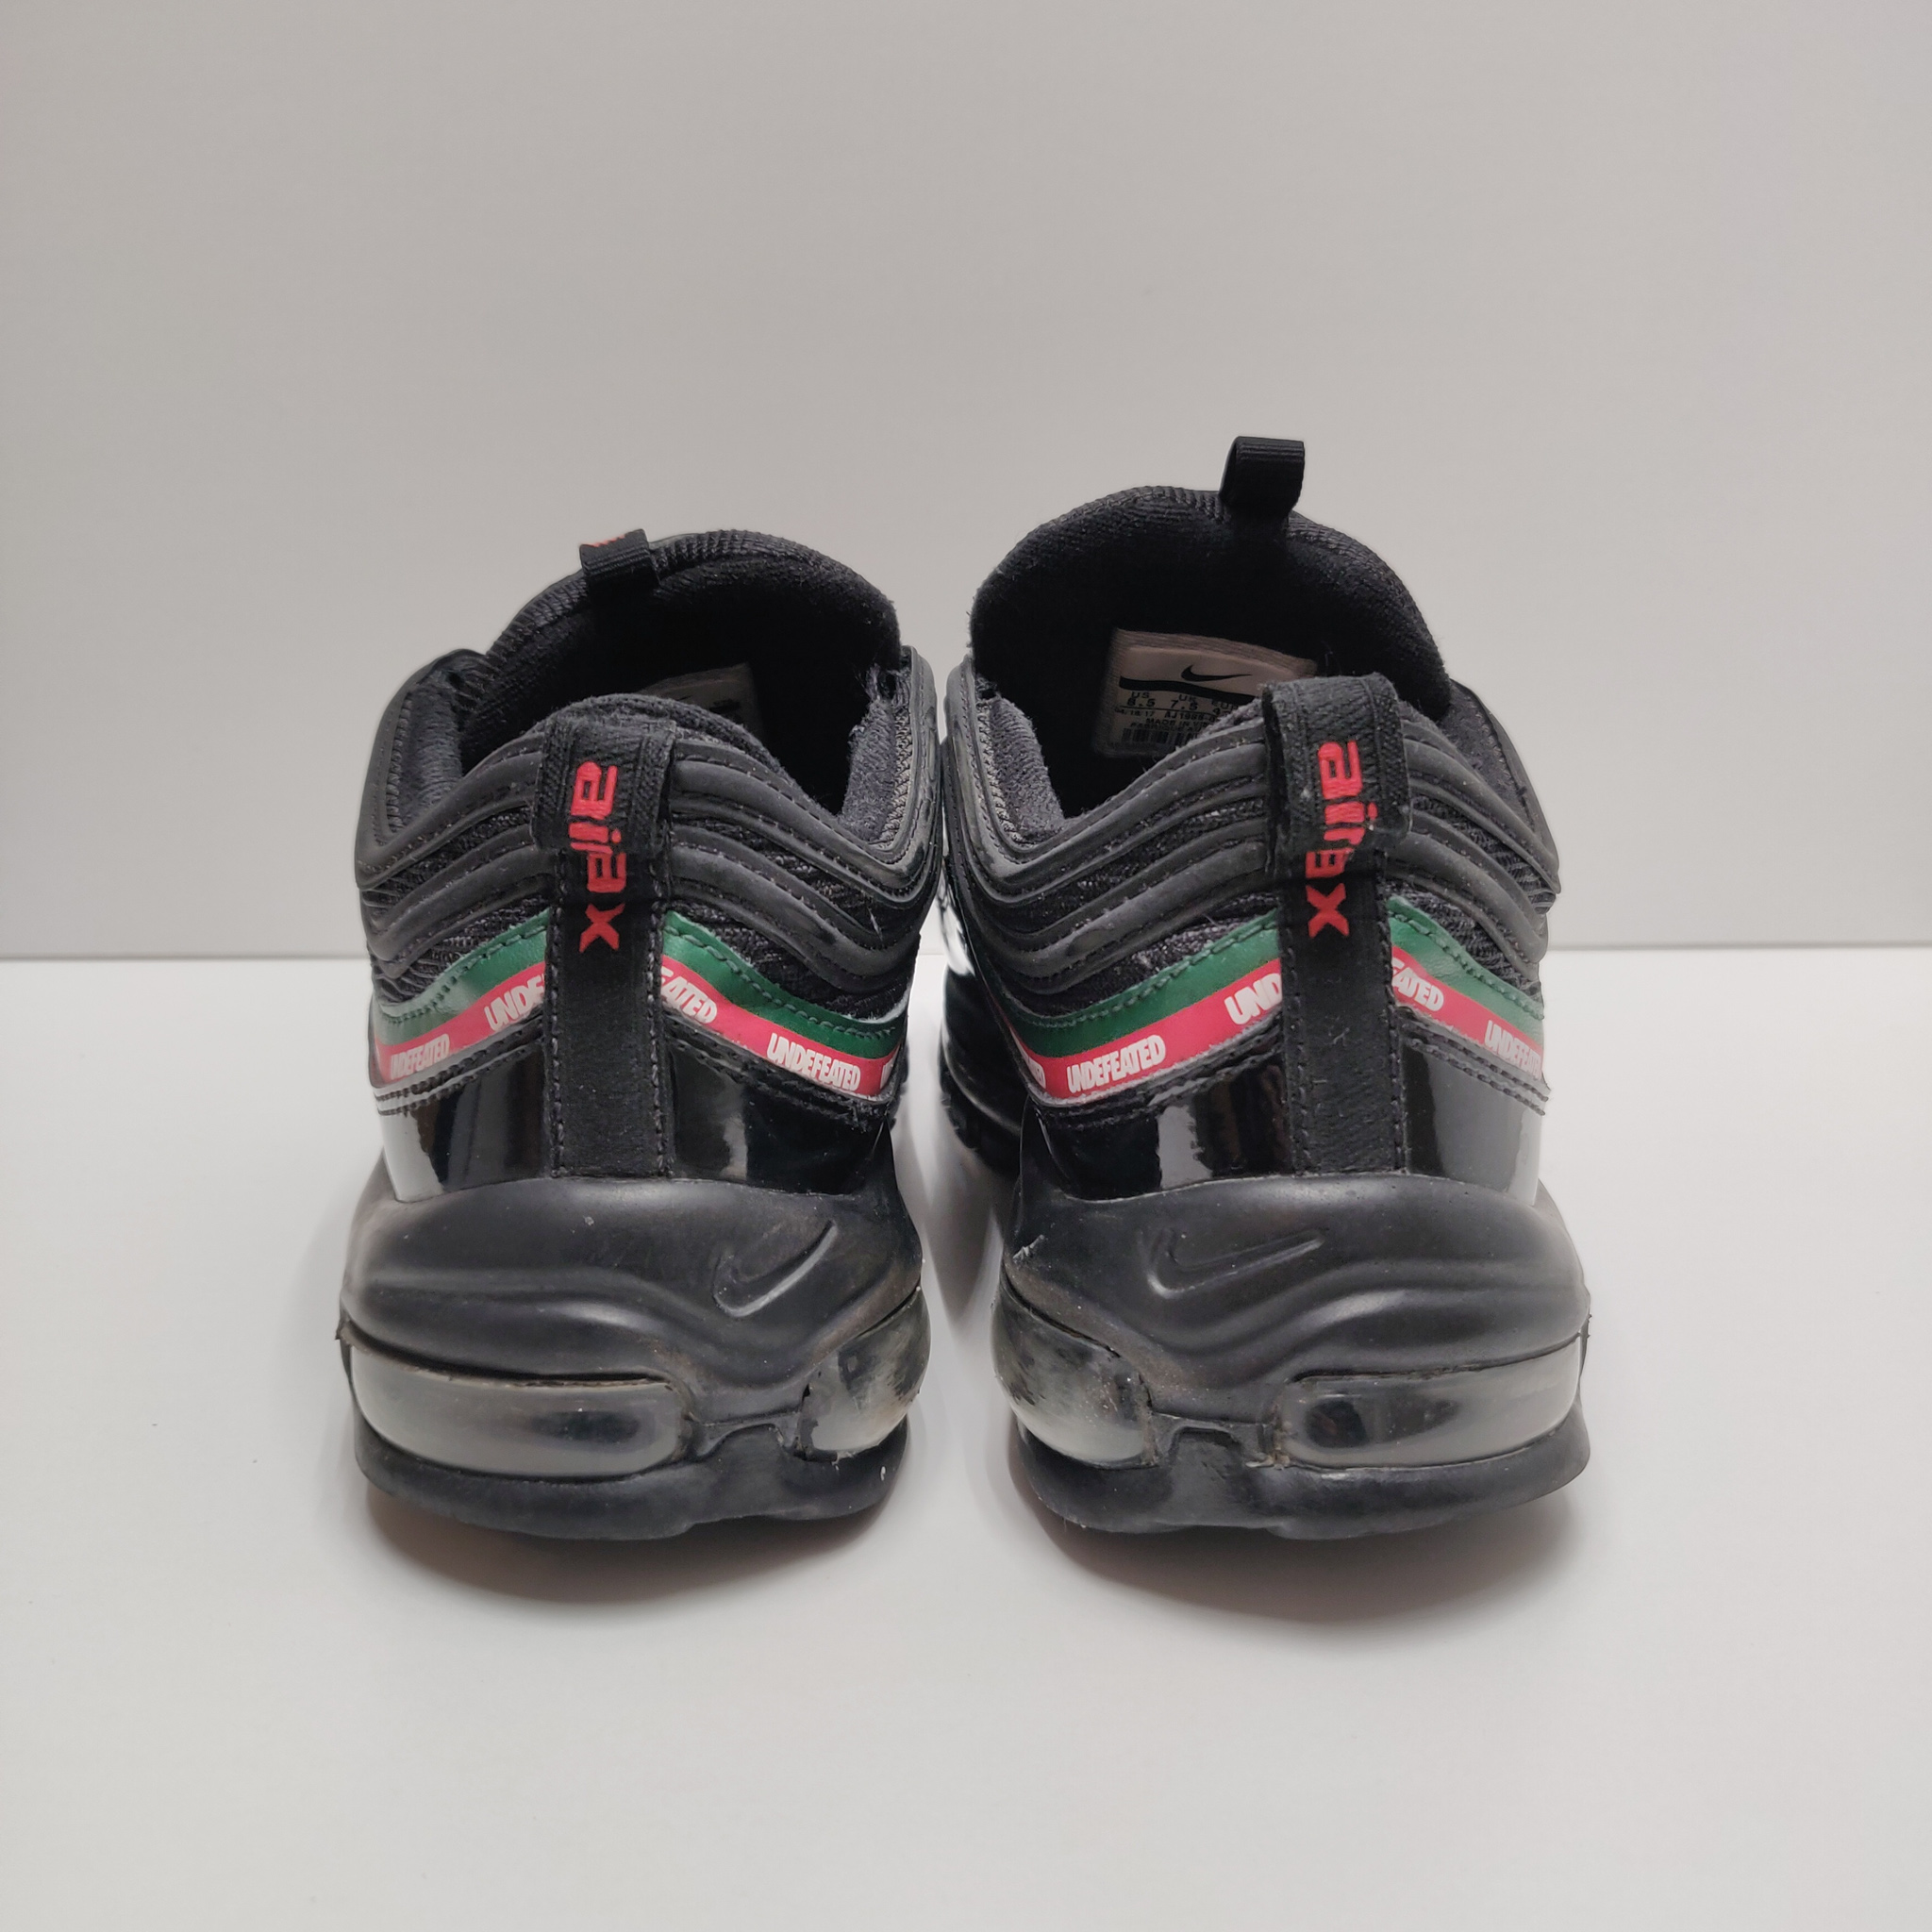 Nike Air Max 97 UNDFTD Black